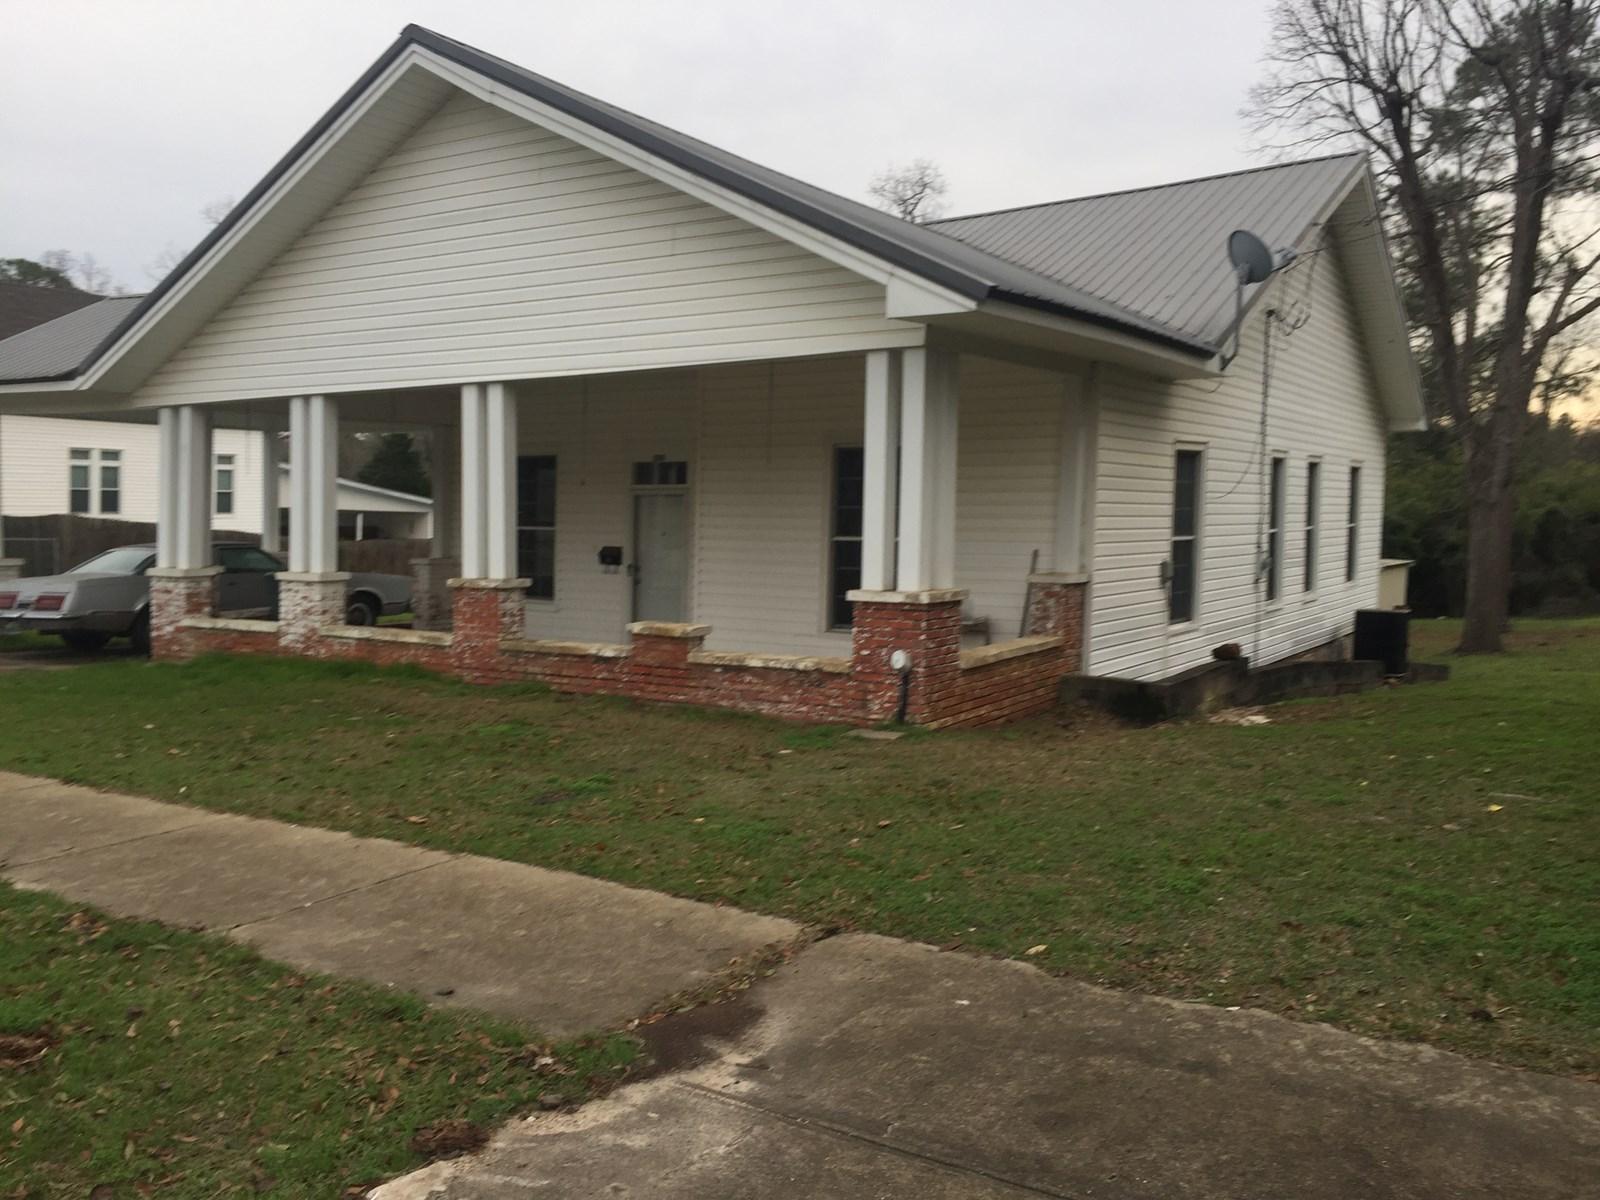 Nice 3 bedroom, 1 bath home in Luverne, Alabama.